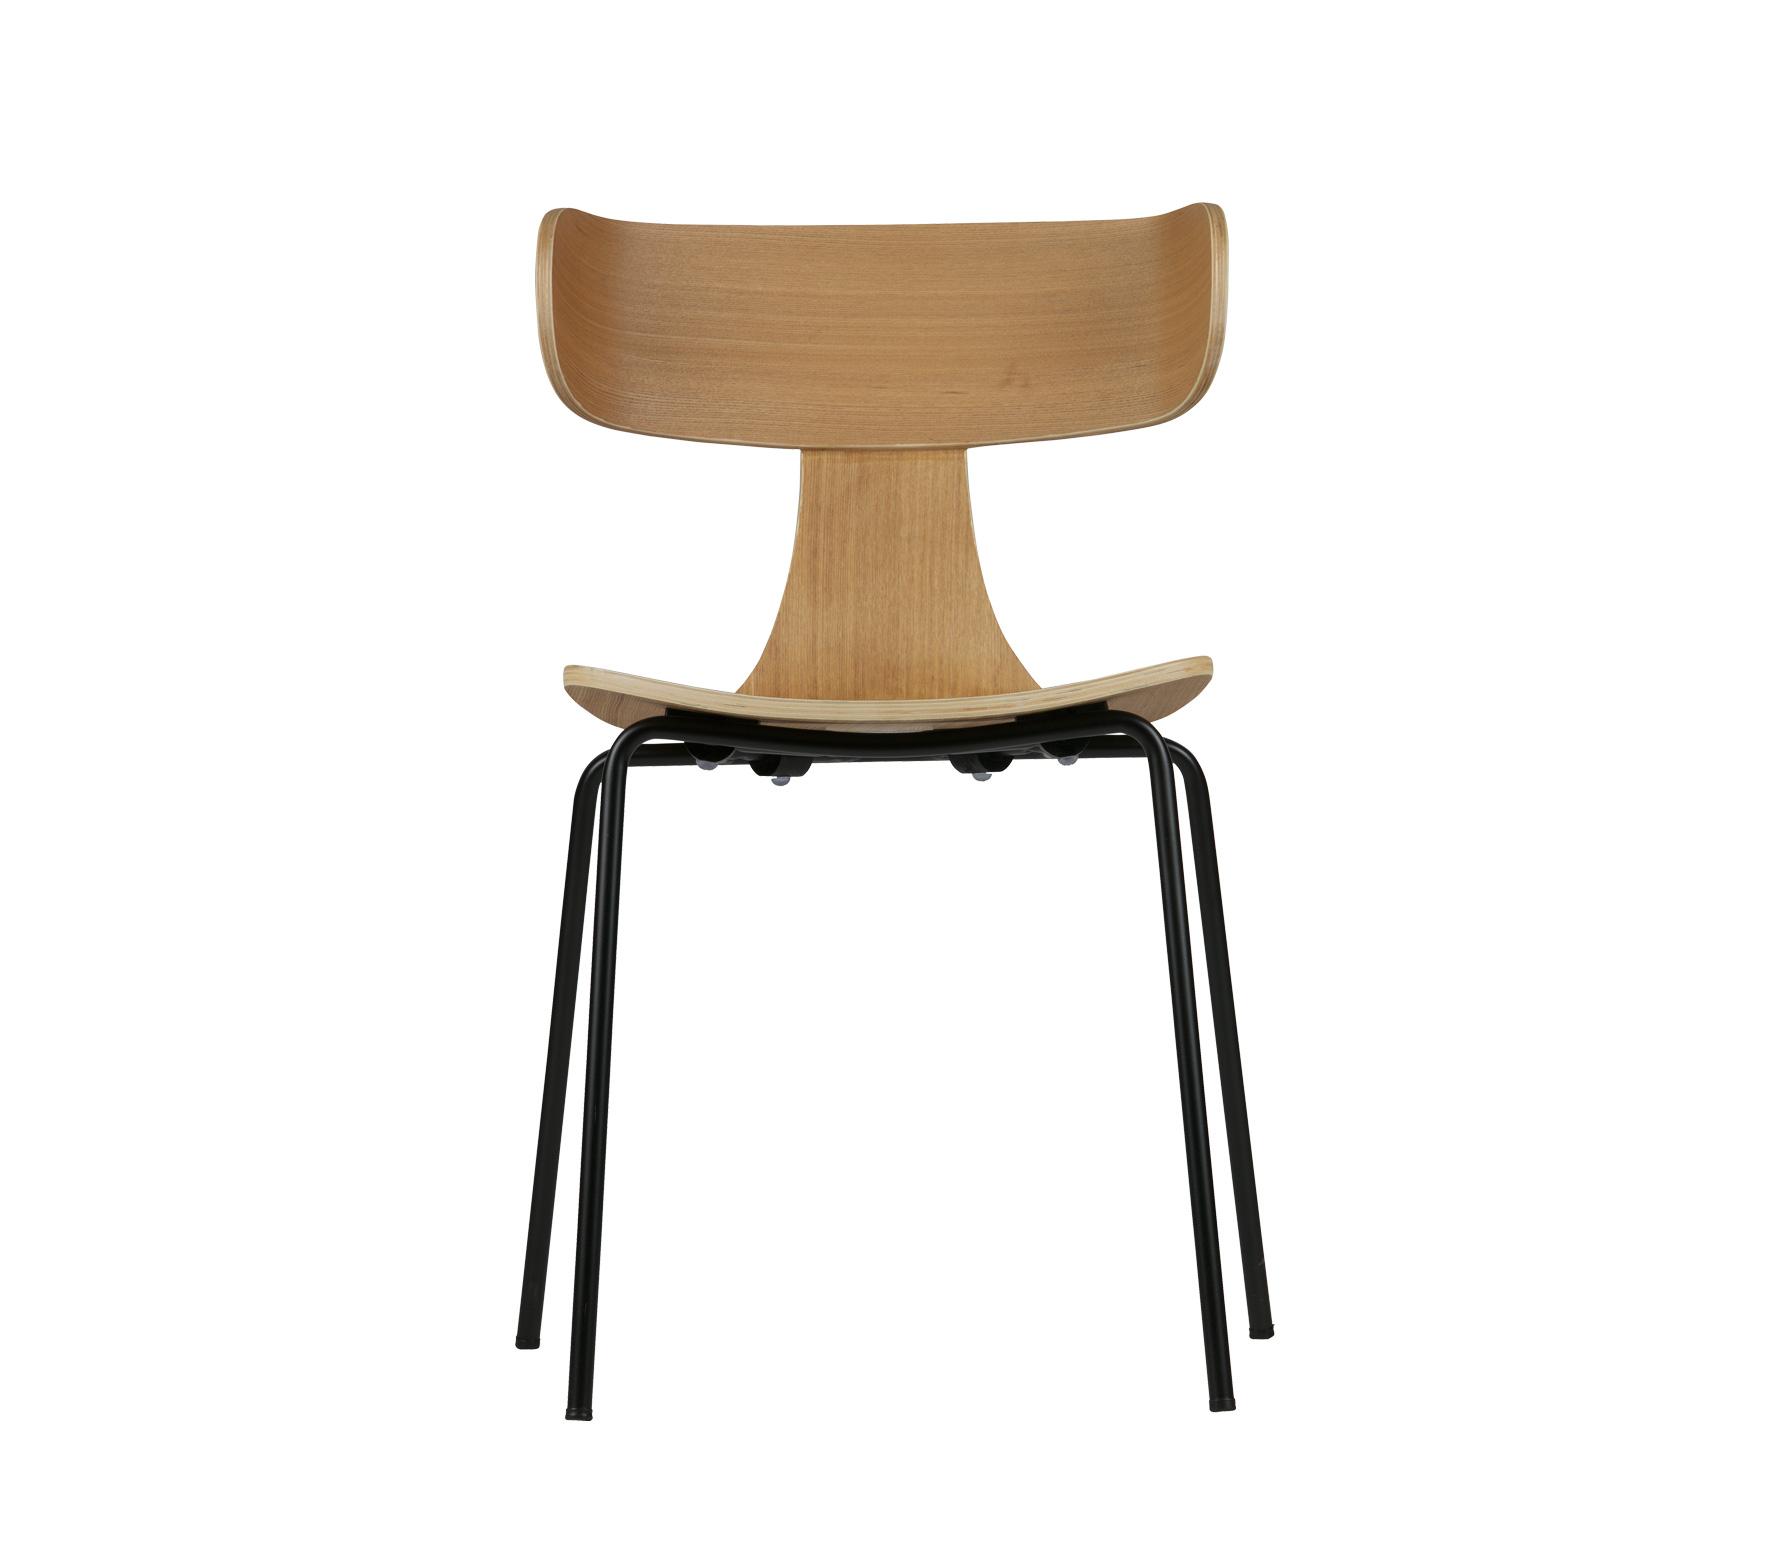 BePureHome Form naturel houten stoel met metaal vrijstaand